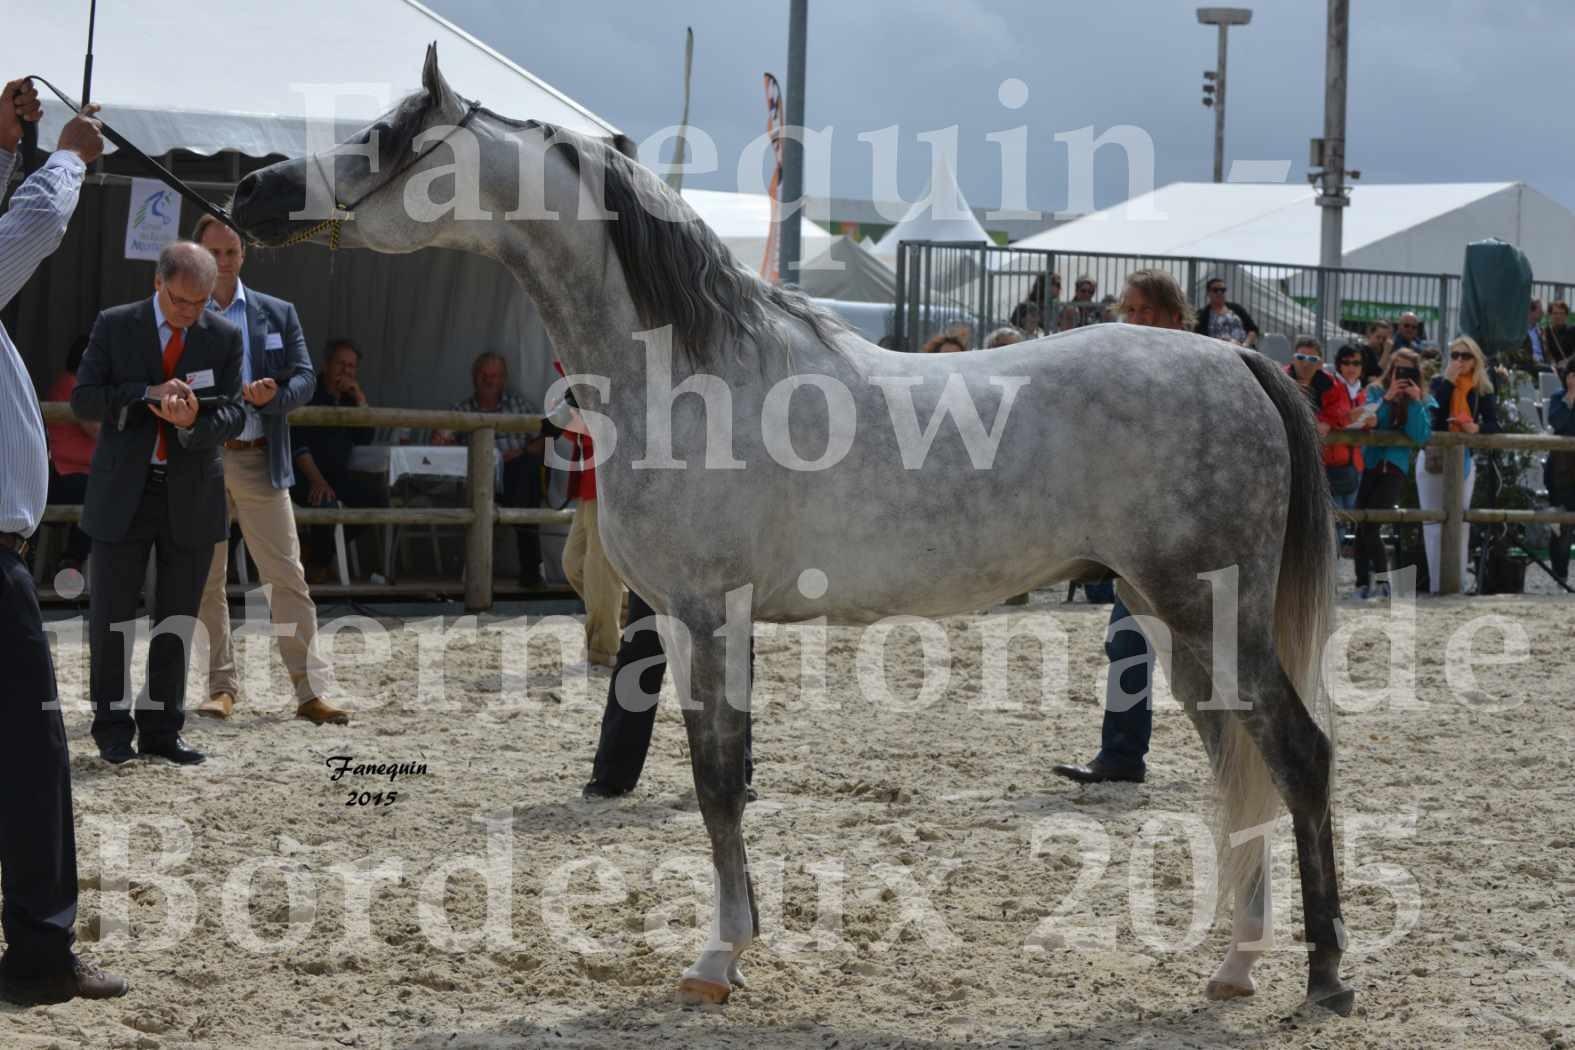 Salon Equitaine de Bordeaux 2015 - Show International de chevaux ARABES - 5